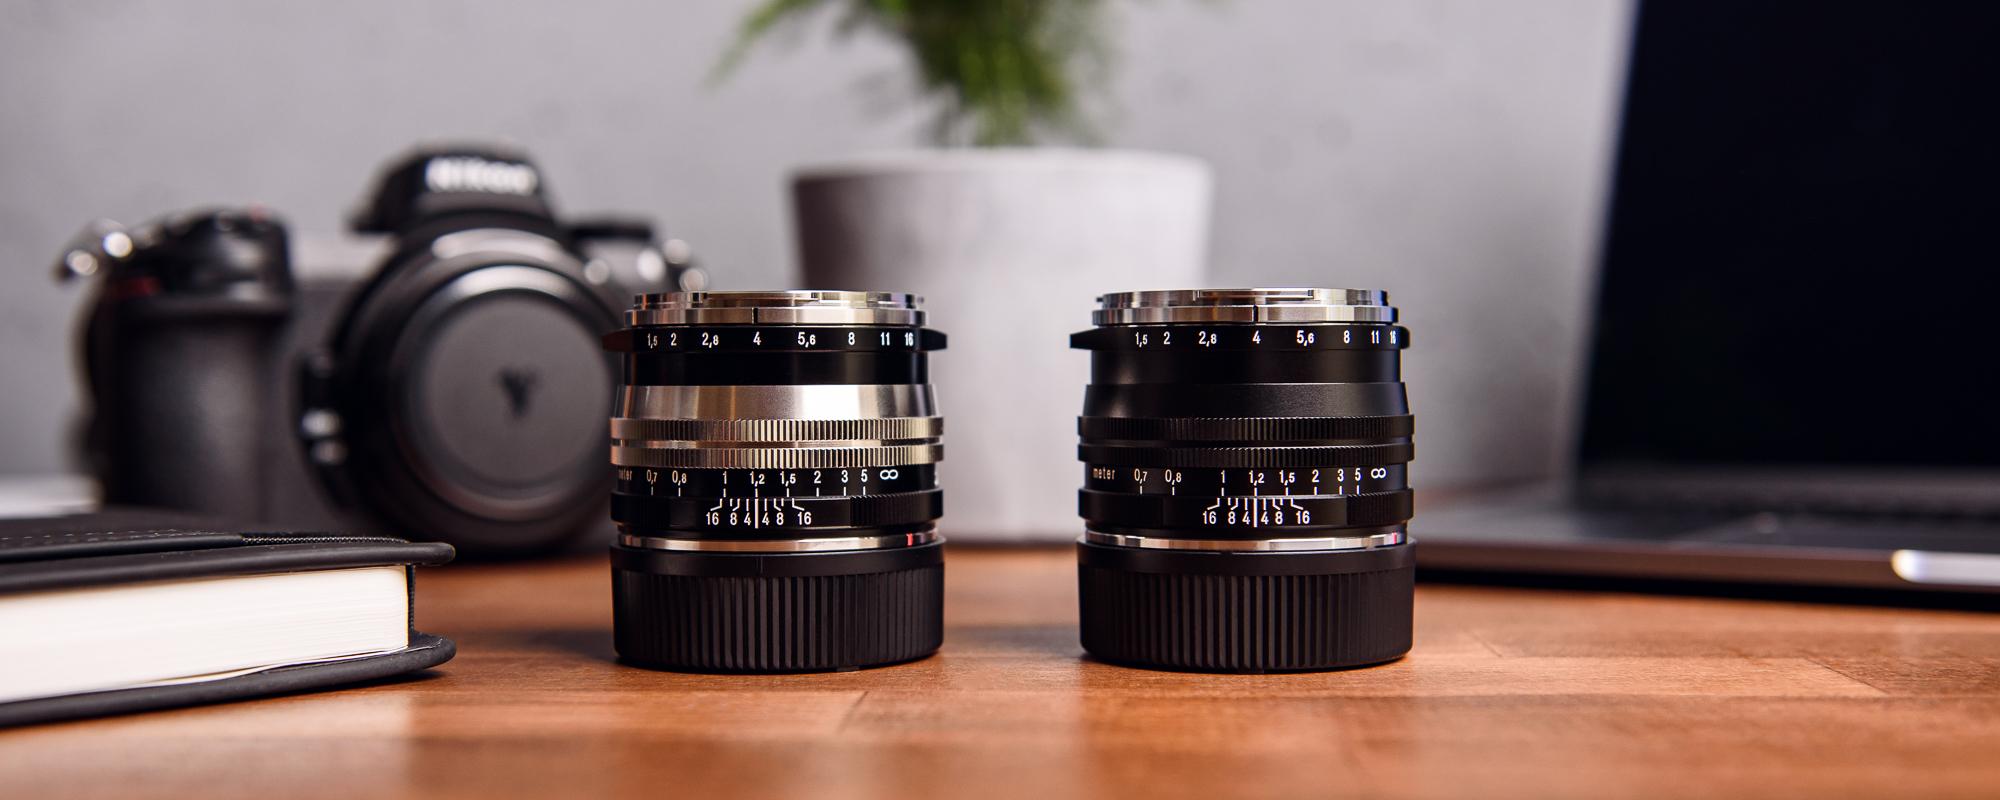 Obiektyw Voigtlander Nokton II 50 mm f/1,5 do Leica M - SC, nikolowy i czarny